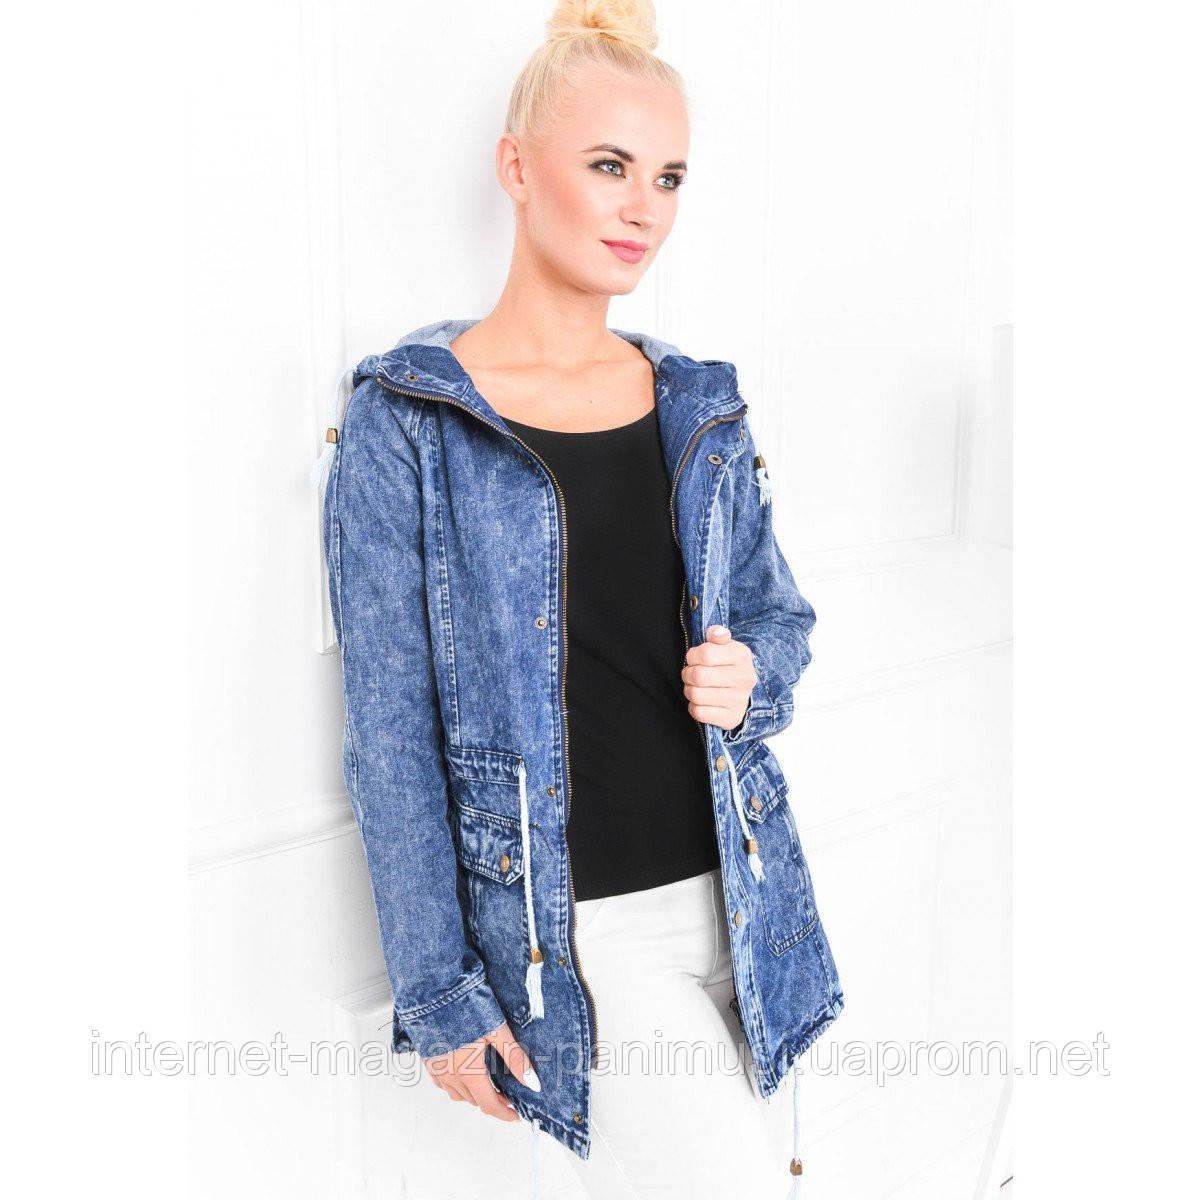 Женская демисизонная джинсовая куртка. Длинная Бесплатная Доставка